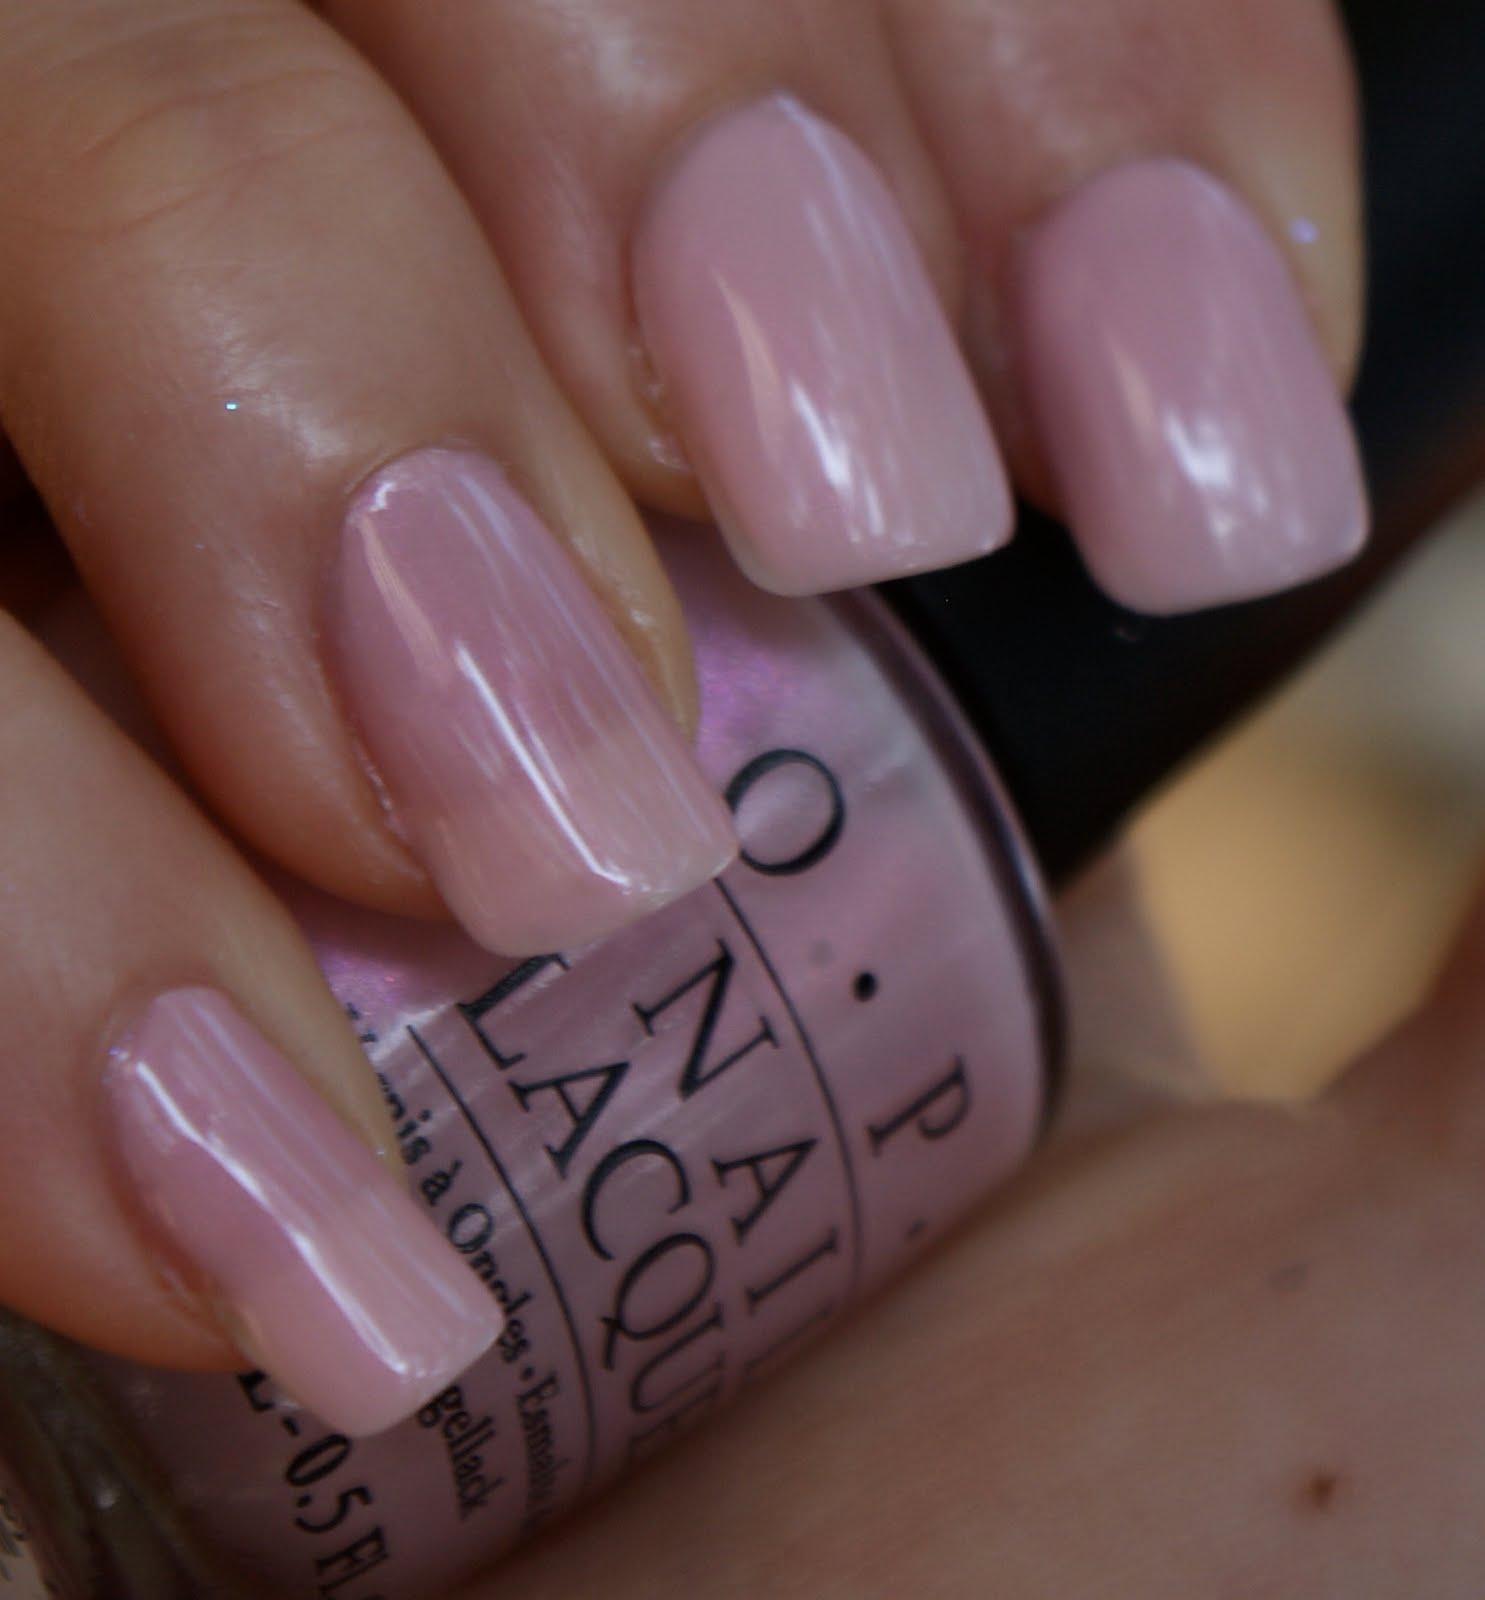 http://4.bp.blogspot.com/_GjZypFv554U/TGNIF2e3cdI/AAAAAAAAE4k/H8id7ccIx7g/s1600/Pink+A+OPI.JPG